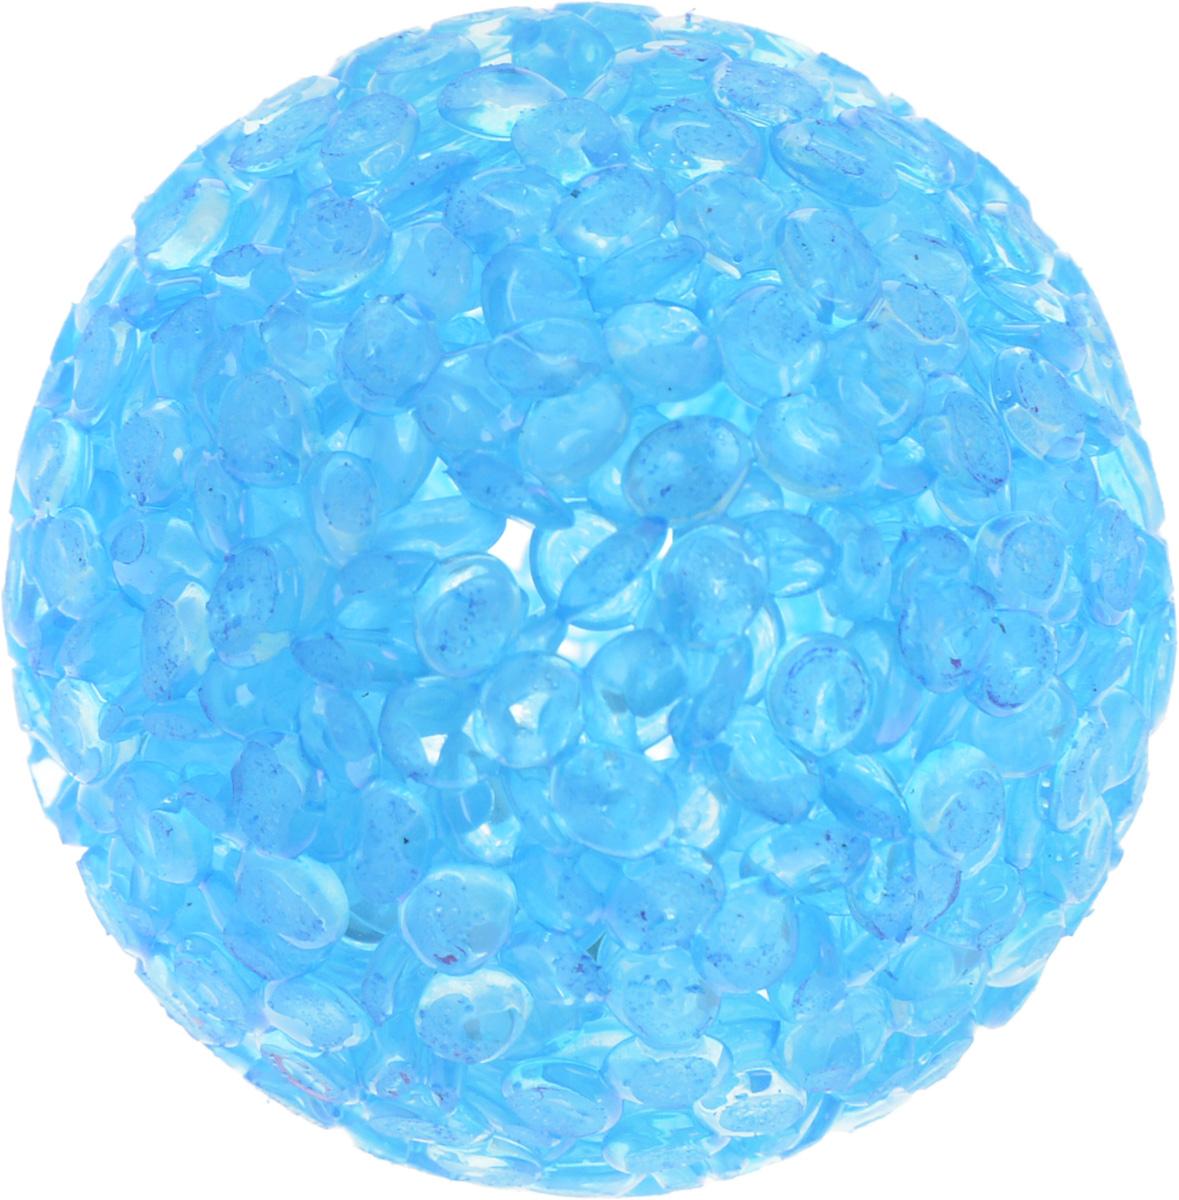 Игрушка для животных Каскад Мячик блестящий, цвет: голубой, диаметр 4 см27799314Игрушка для животных Каскад Мячик блестящий изготовлена из высококачественной синтетики. Внутри изделия имеется небольшой бубенчик, который привлечет внимание питомца. Такая игрушка порадует вашего любимца, а вам доставит массу приятных эмоций, ведь наблюдать за игрой всегда интересно и приятно. Диаметр игрушки: 4 см.